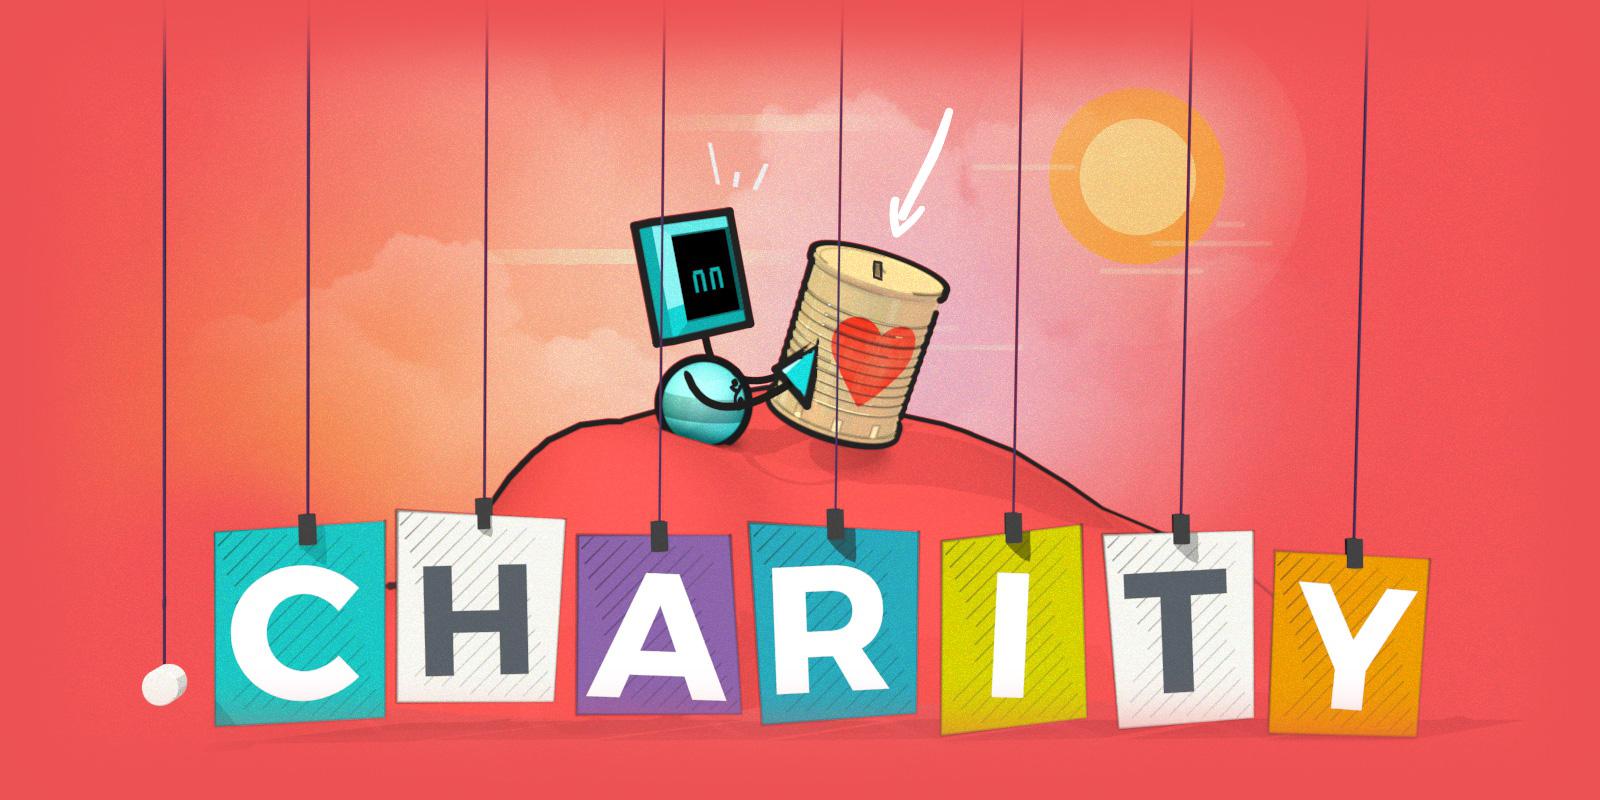 「.charity」をサンライズ期間中に登録しましょう